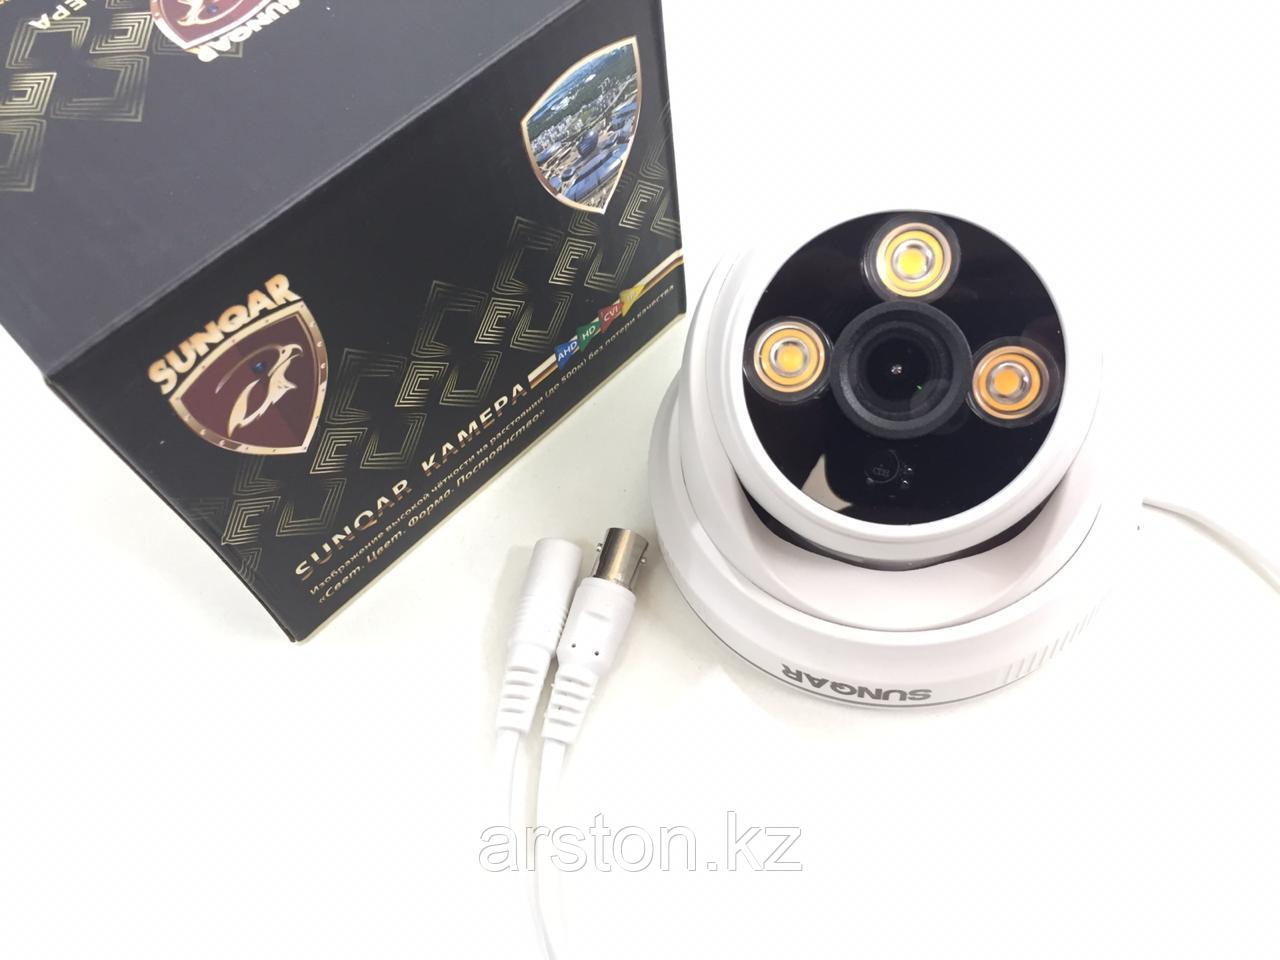 Камера купольная SU-710